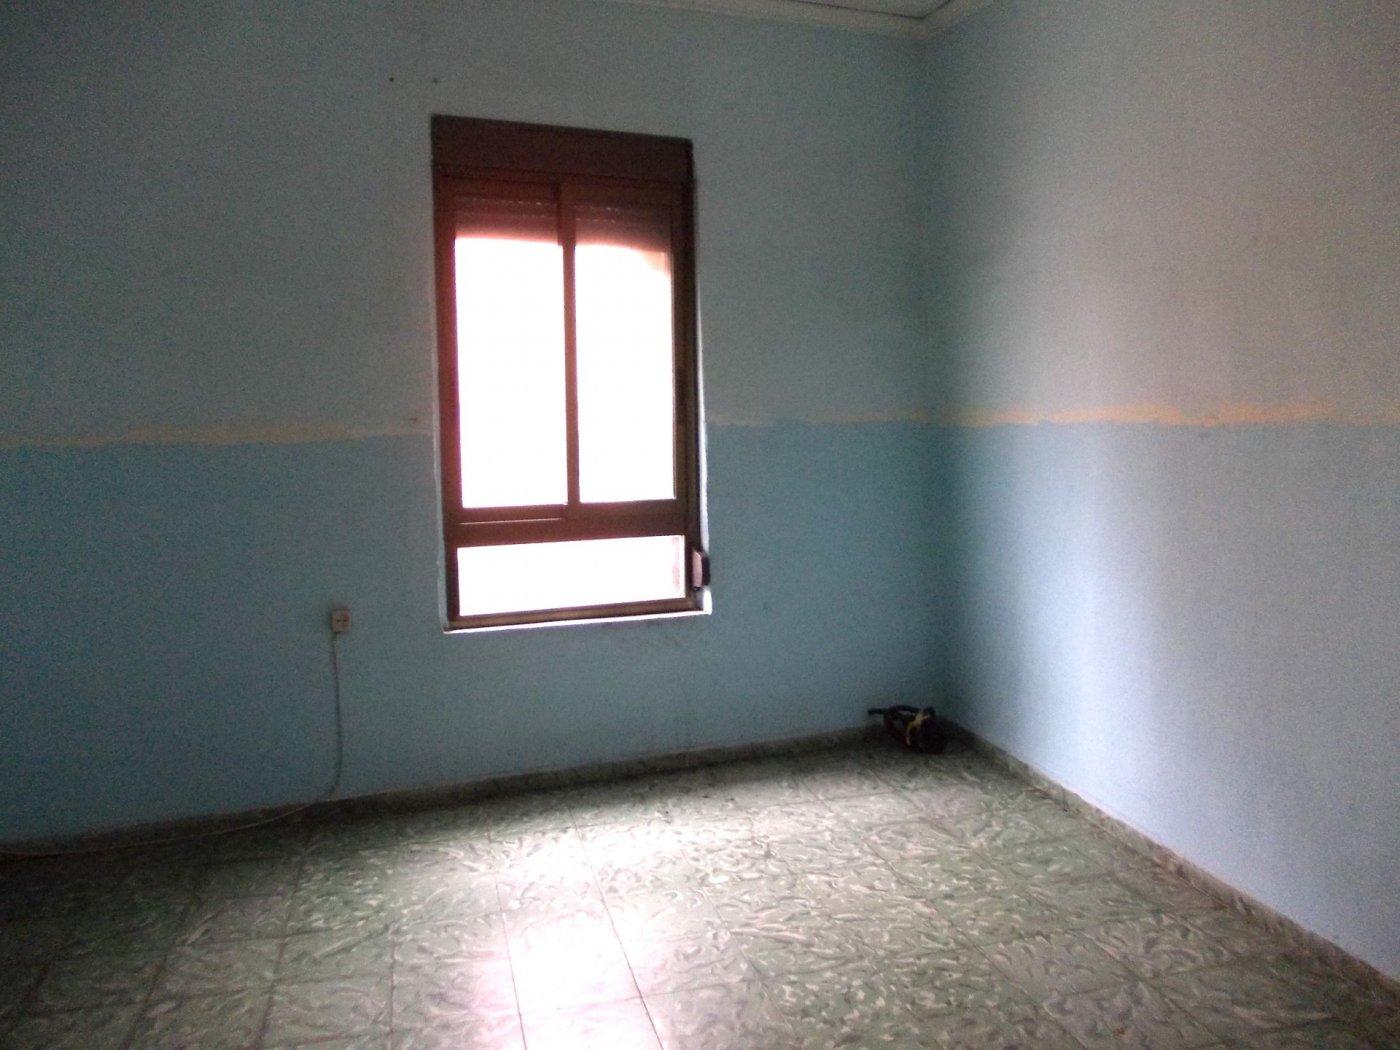 Casa en bellreguard - imagenInmueble3